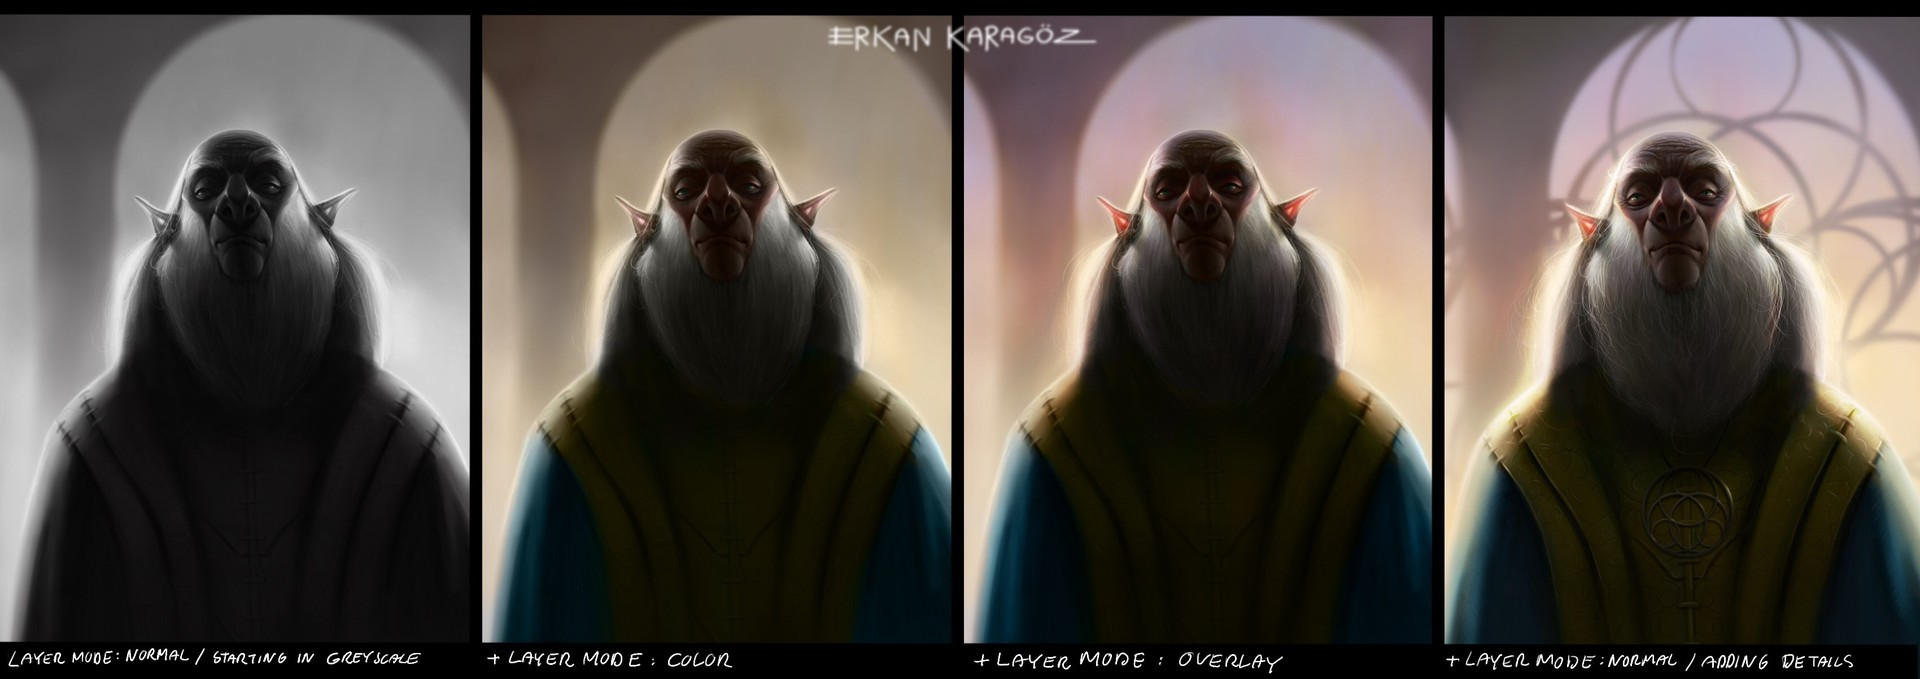 Erkan karagoez img 0196